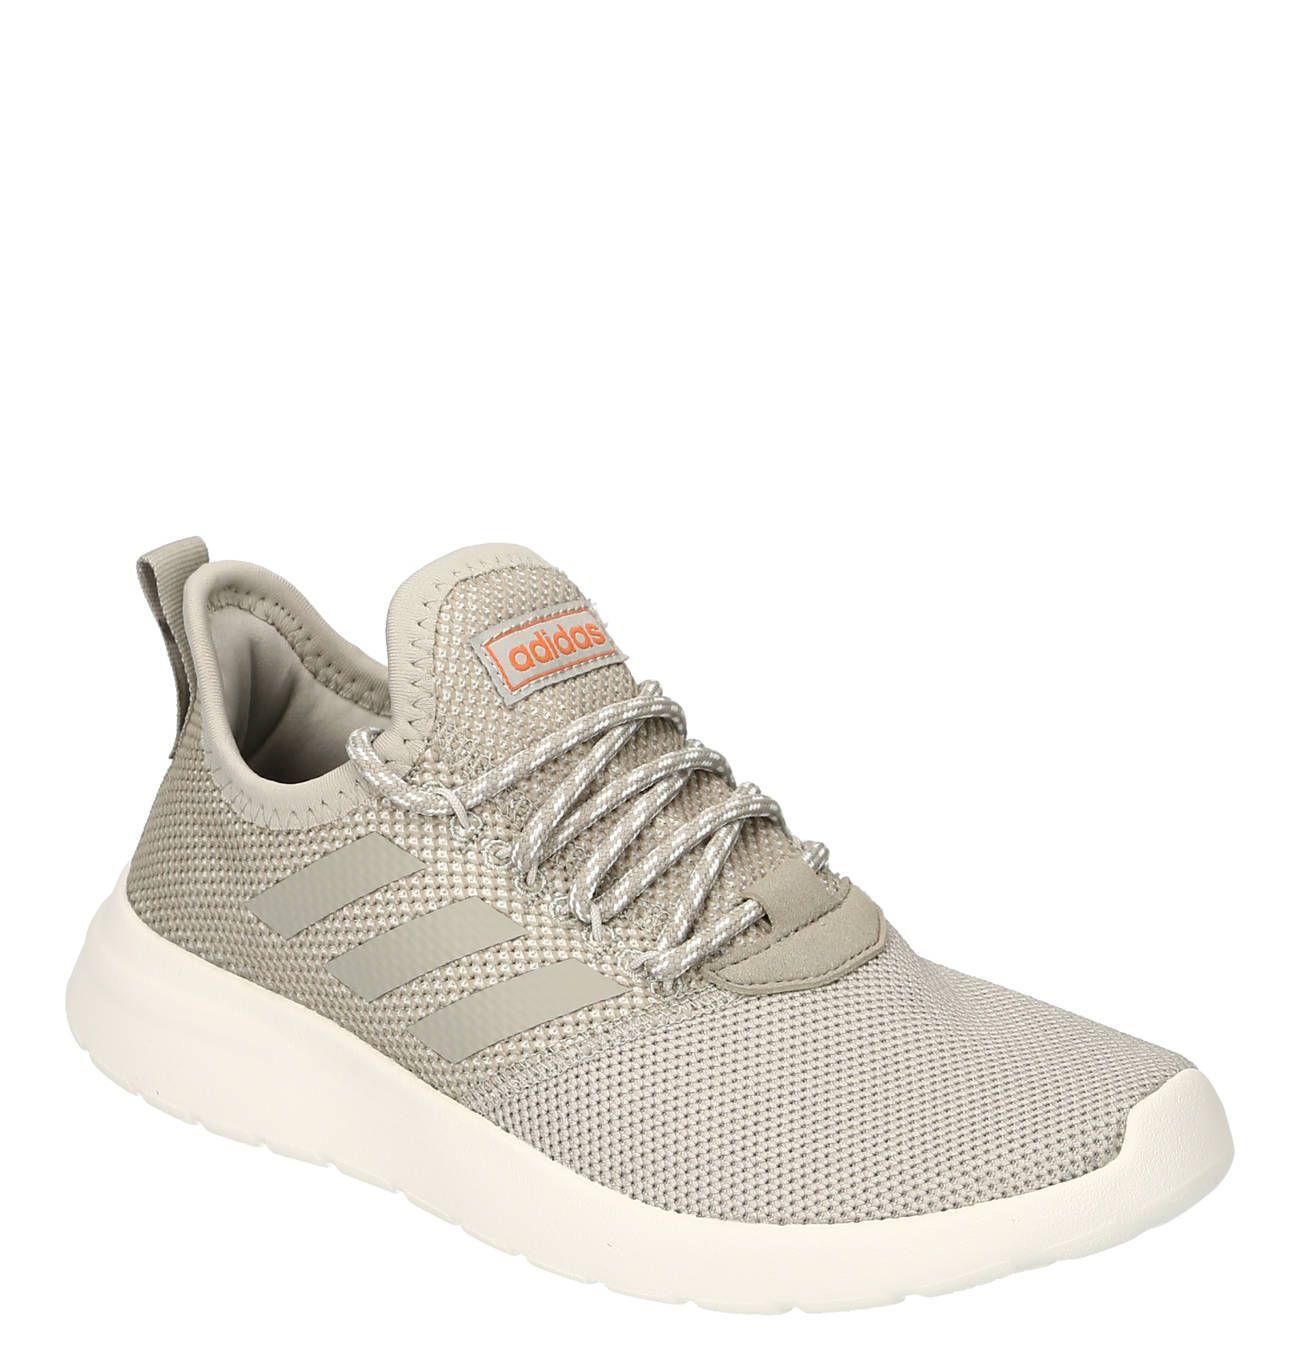 adidas Sportschuhe für Damen & Herren | bei GALERIA